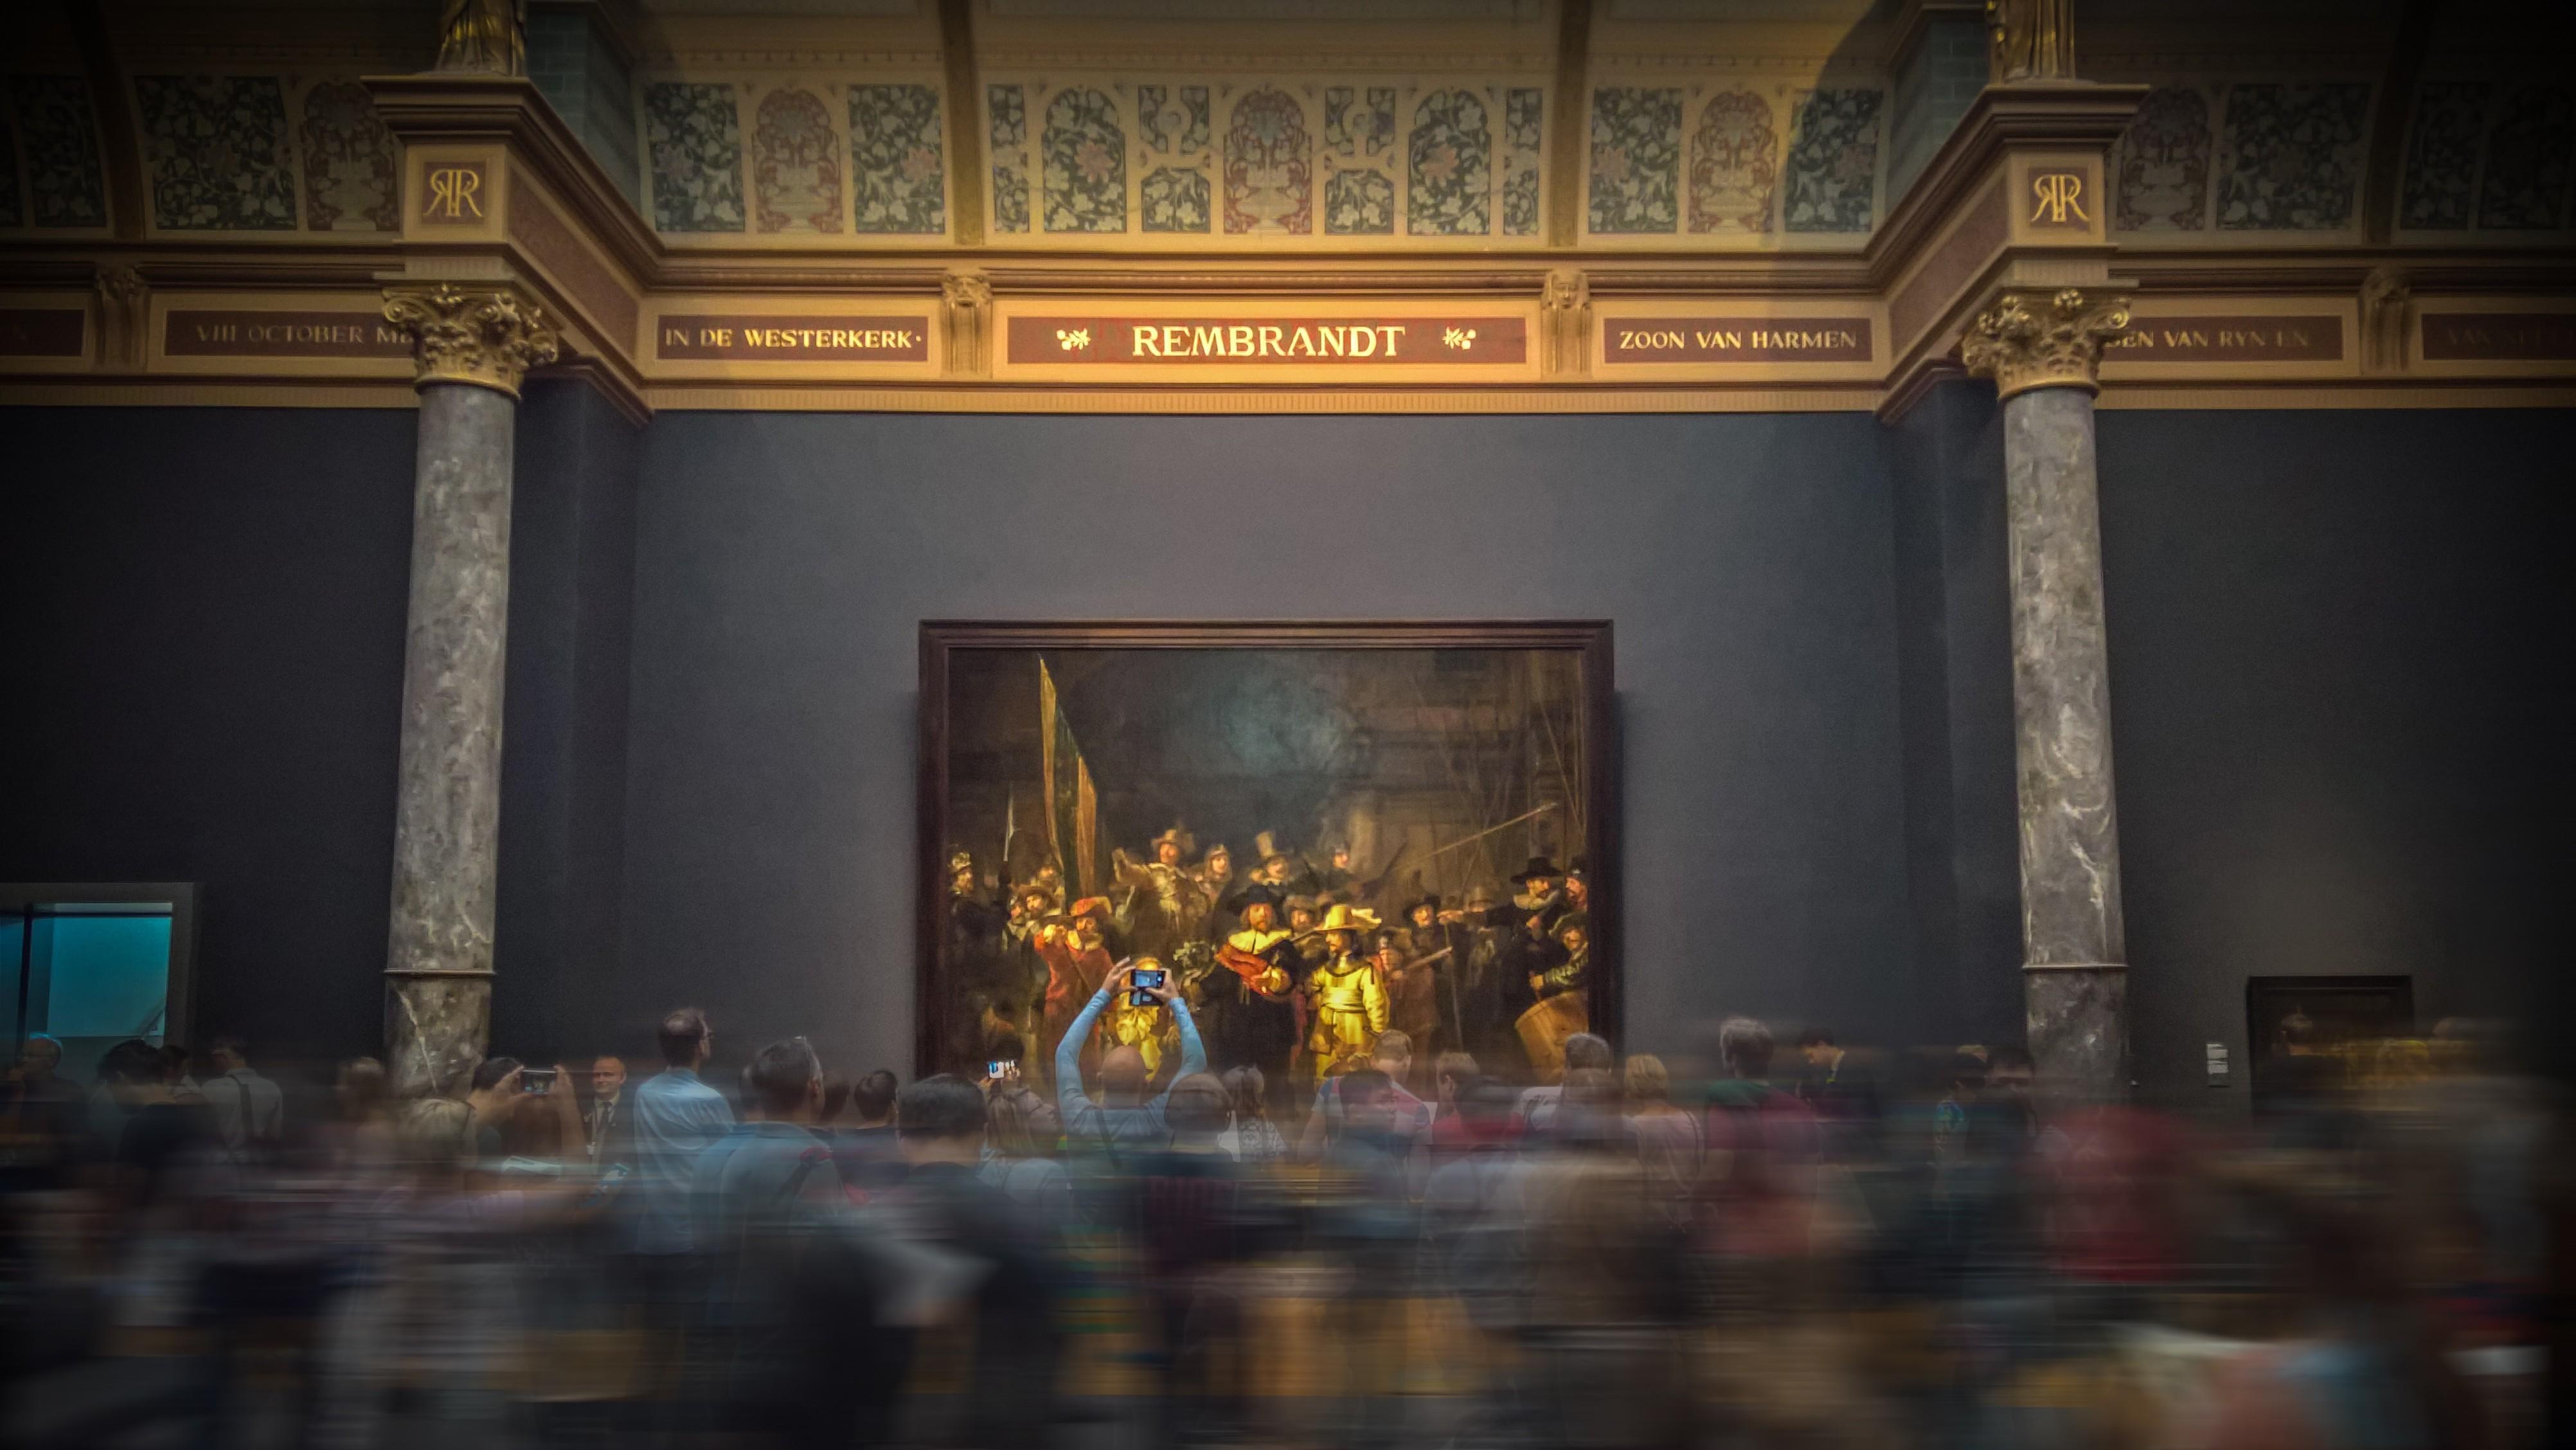 Bekijk de Nachtwacht van Rembrandt